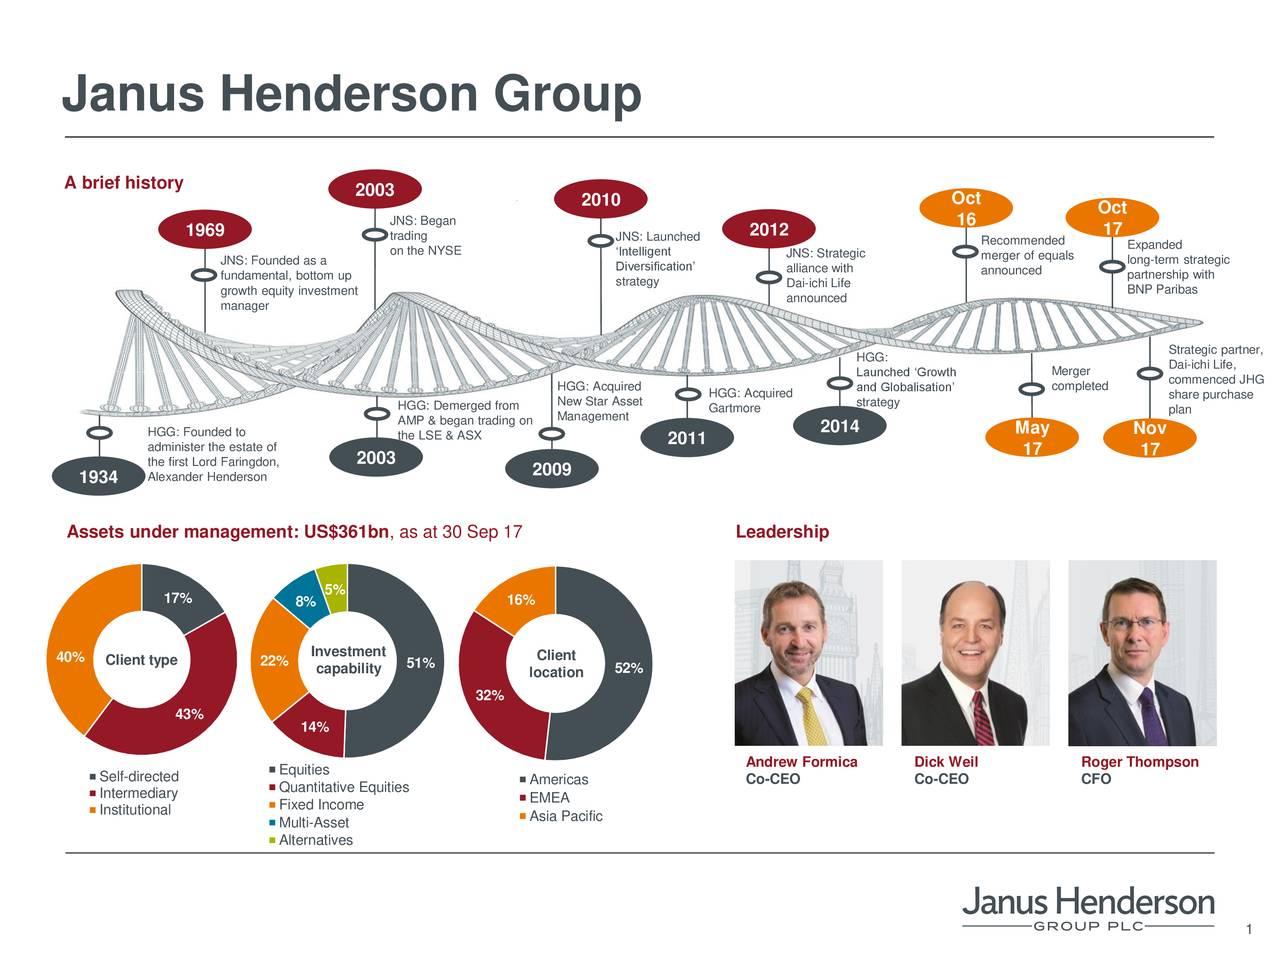 Janus Henderson Group